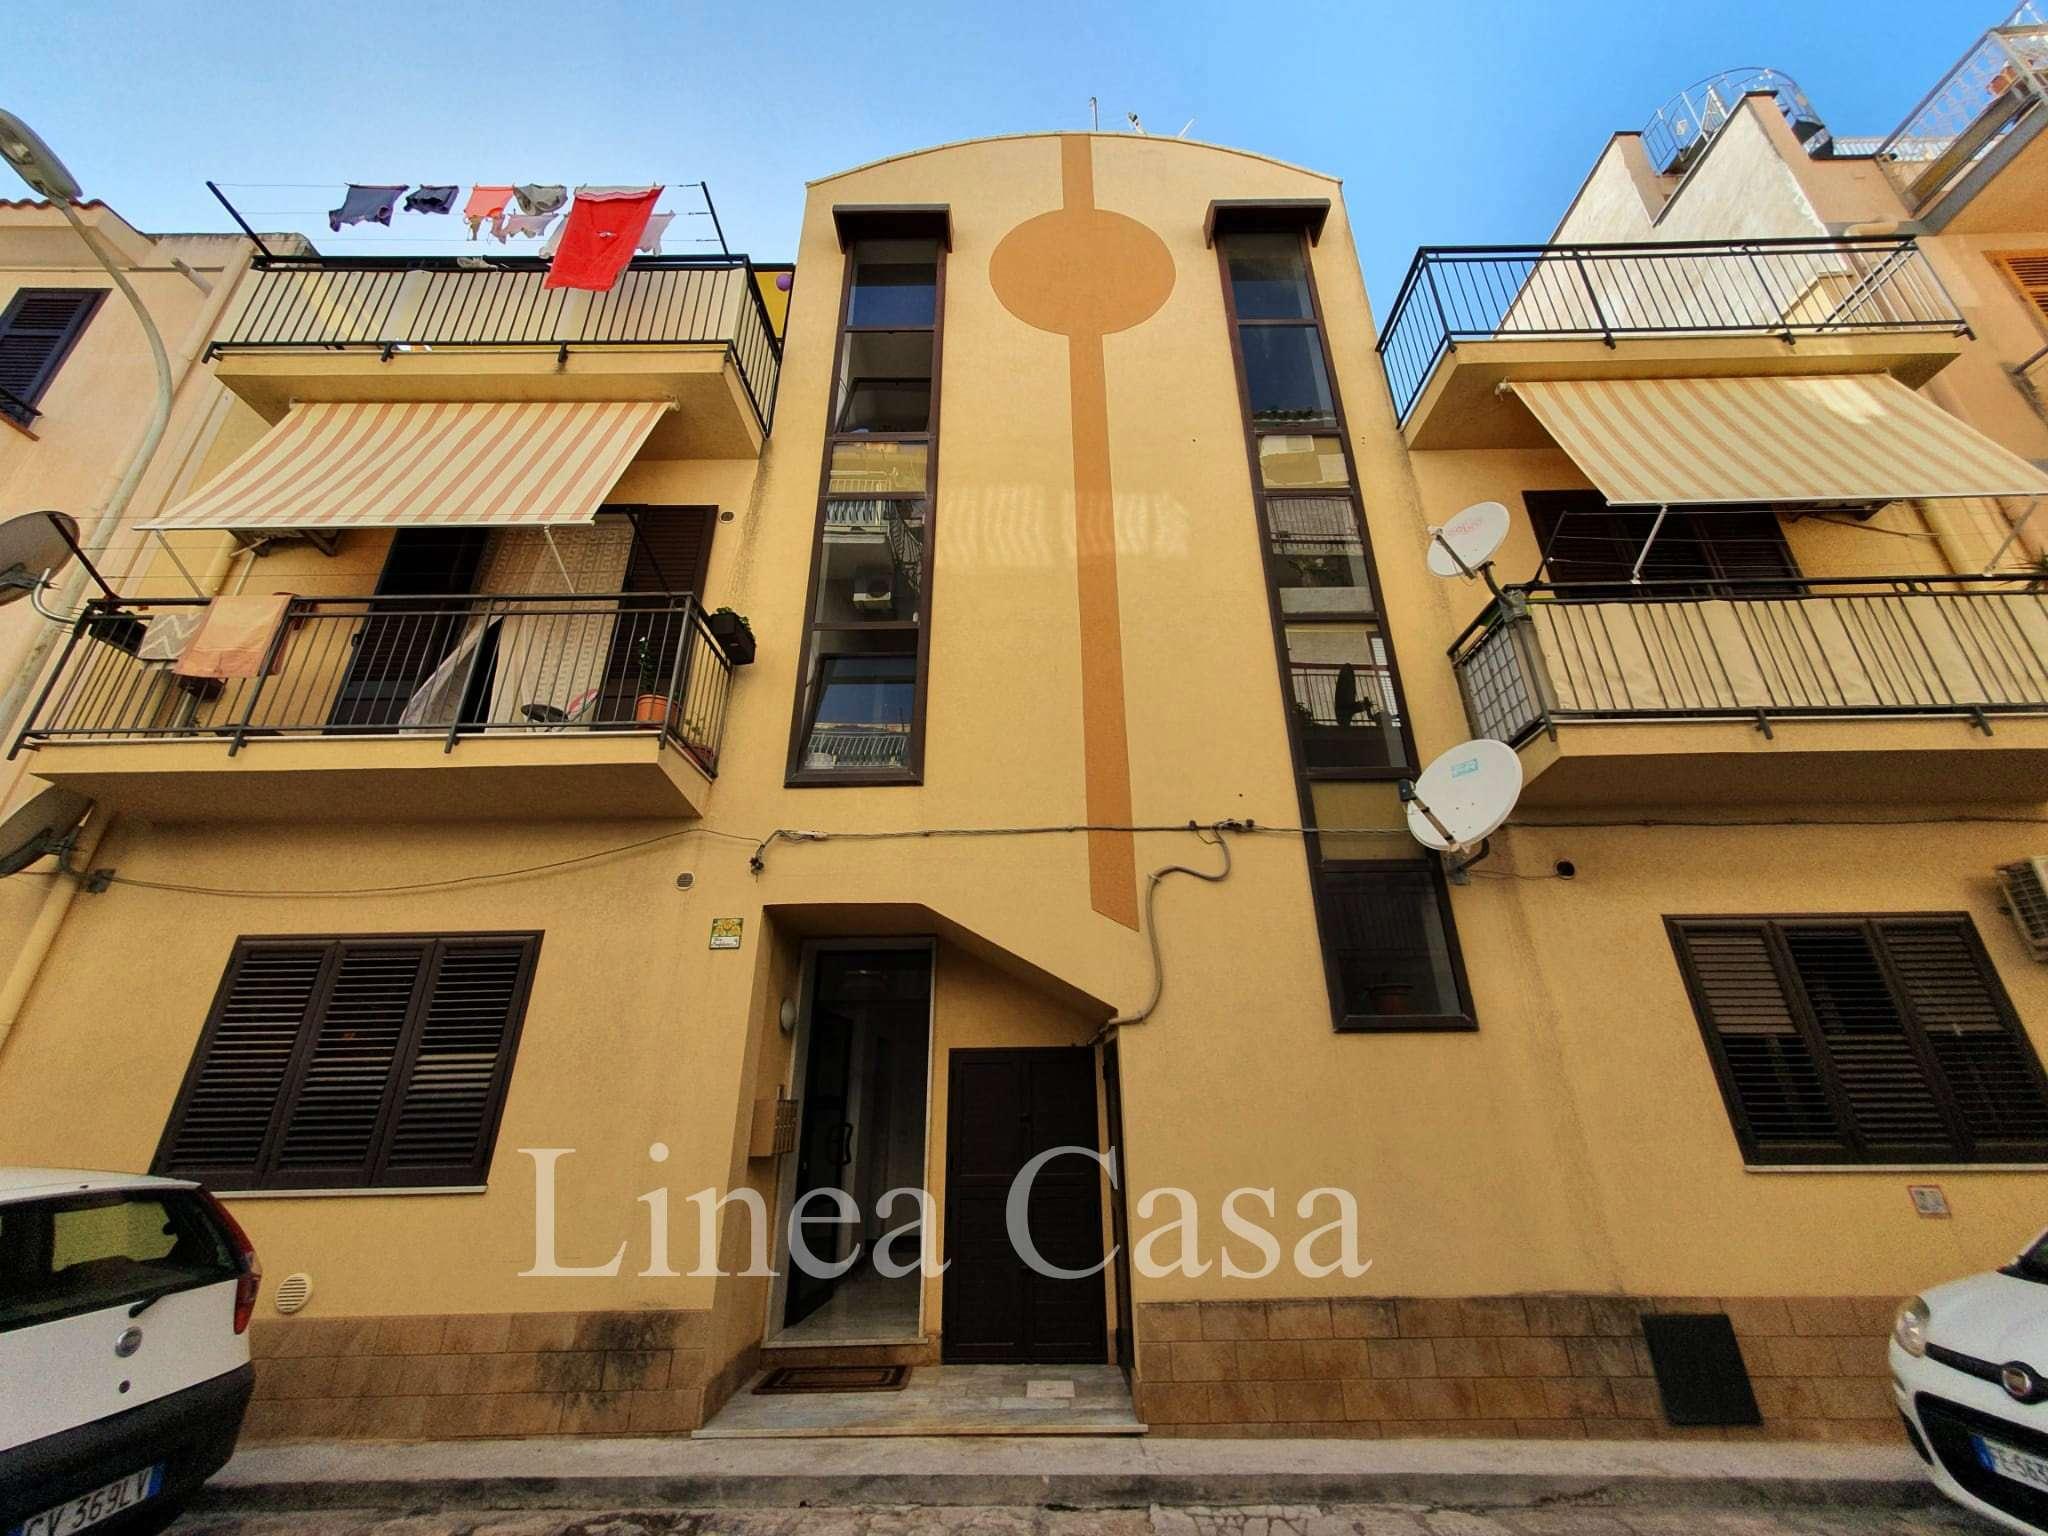 Appartamento in vendita a Casteldaccia, 3 locali, prezzo € 50.000 | PortaleAgenzieImmobiliari.it